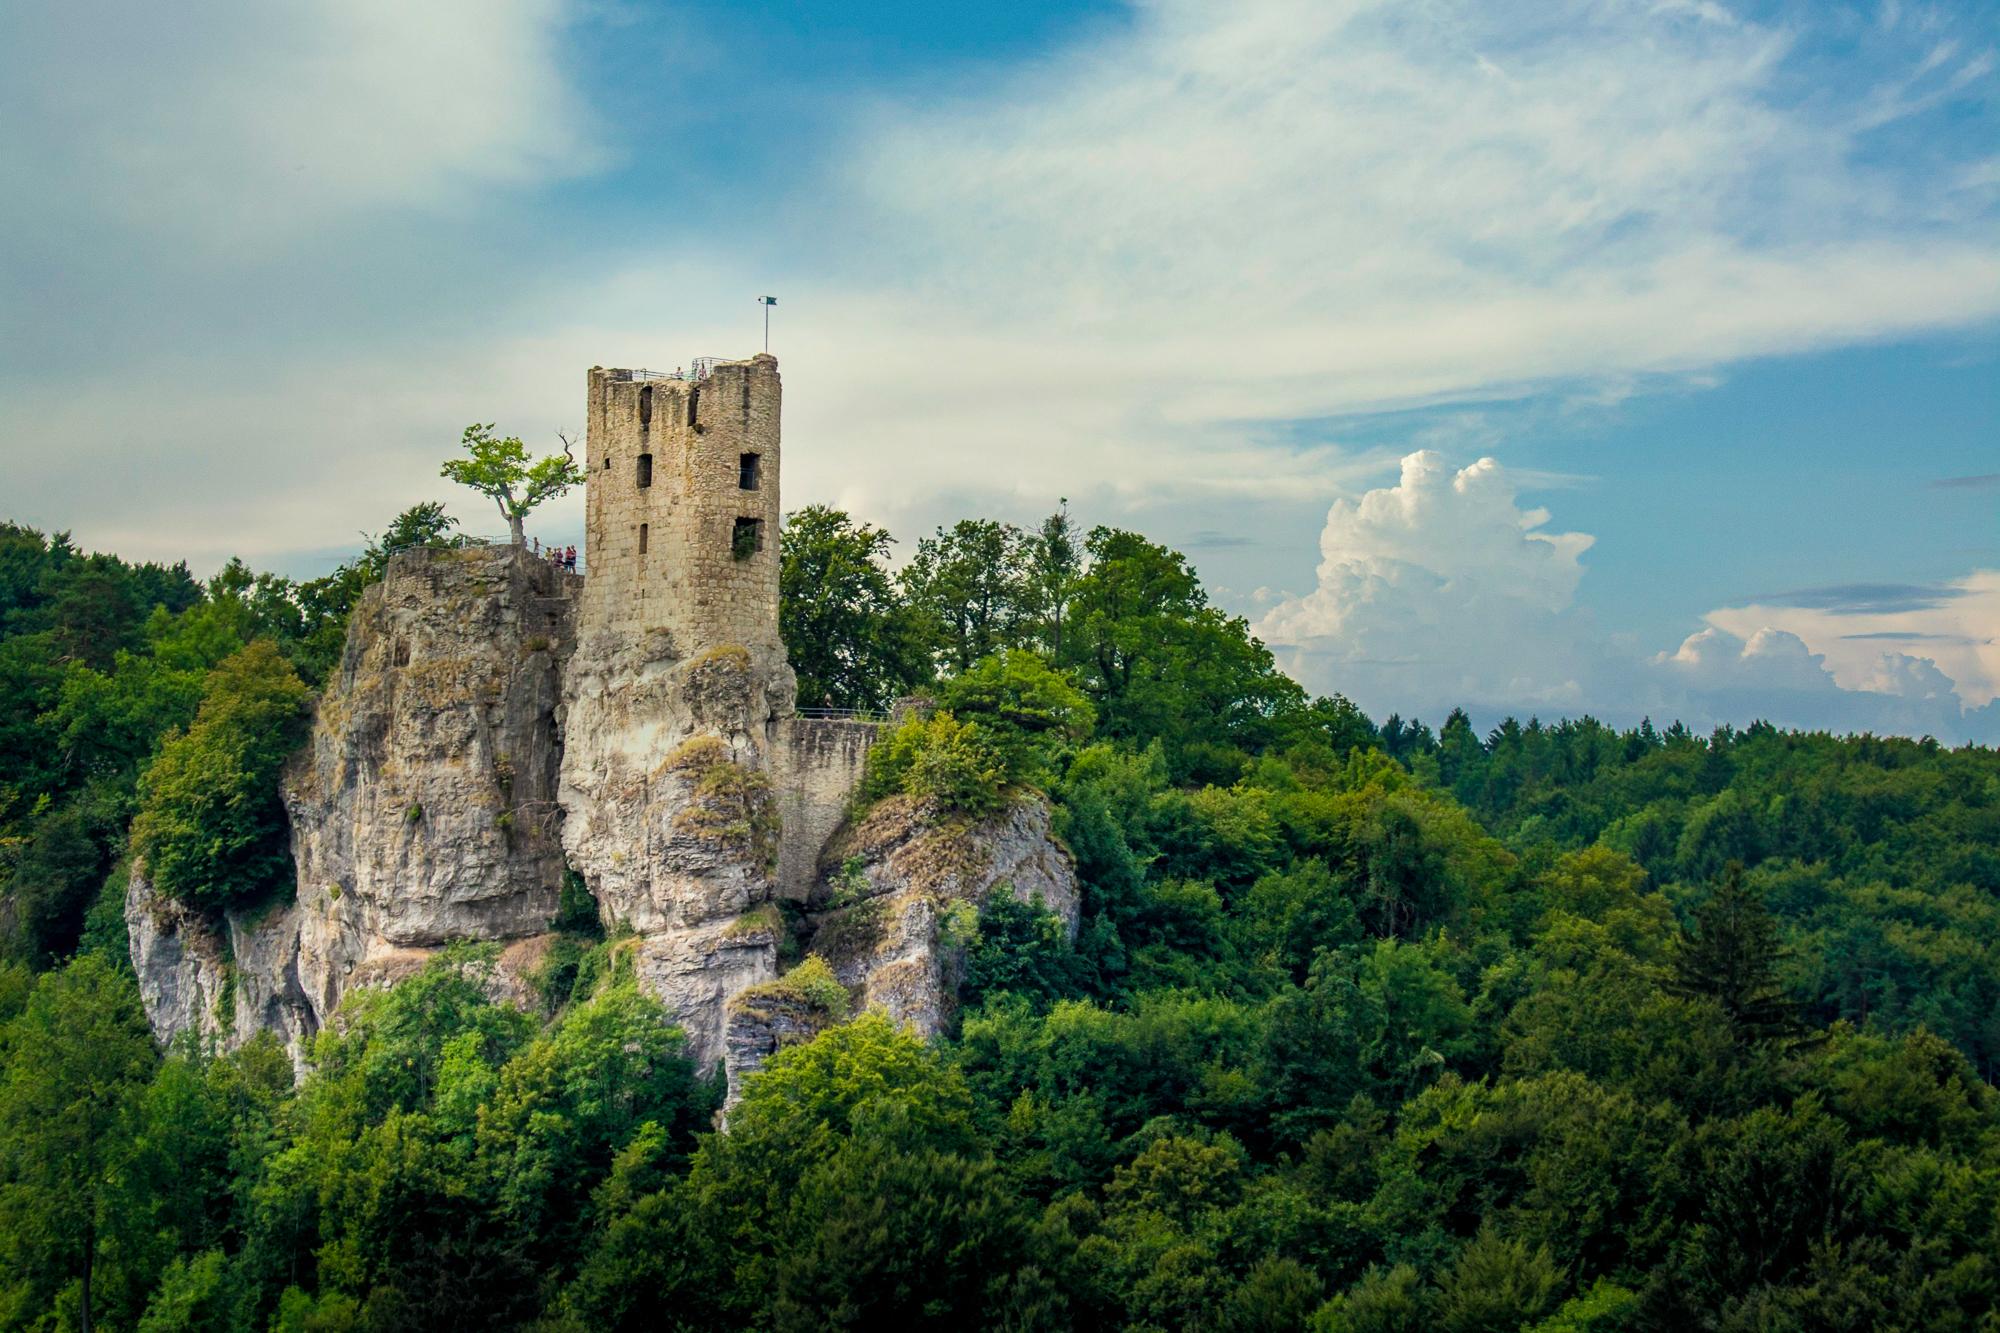 Castle Neideck view, Germany